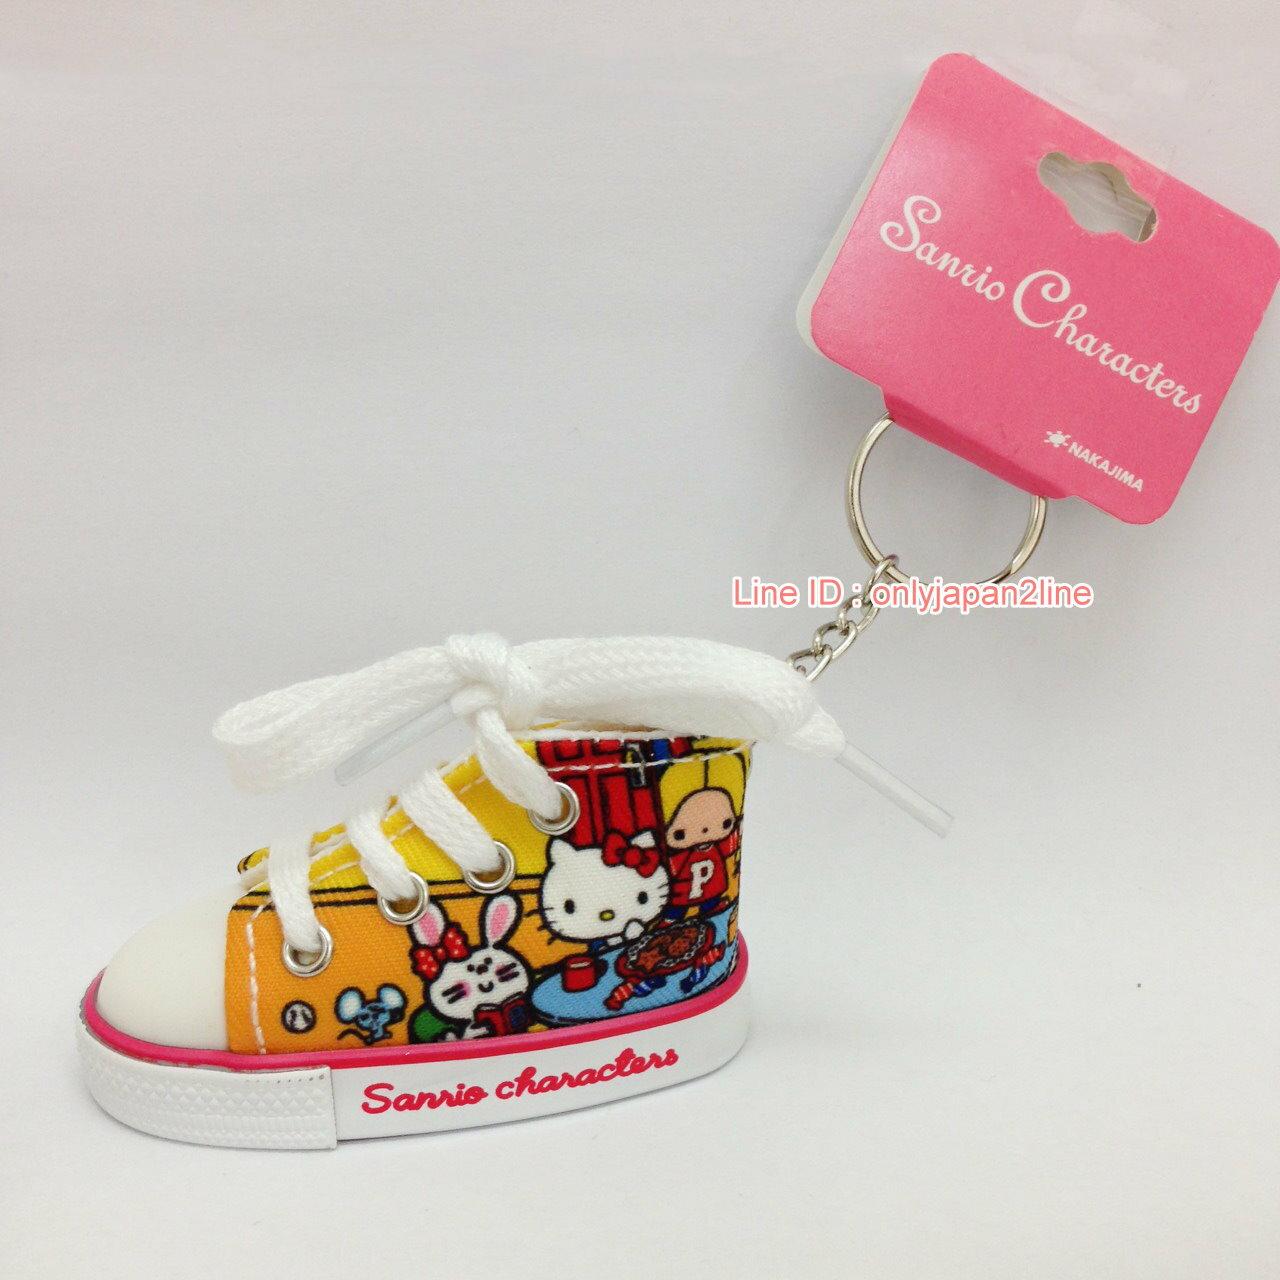 【真愛日本】17022100049迷你帆布鞋鎖圈-MX70年代房間黃    三麗鷗 Hello Kitty 凱蒂貓   鑰匙圈 鎖圈 吊飾